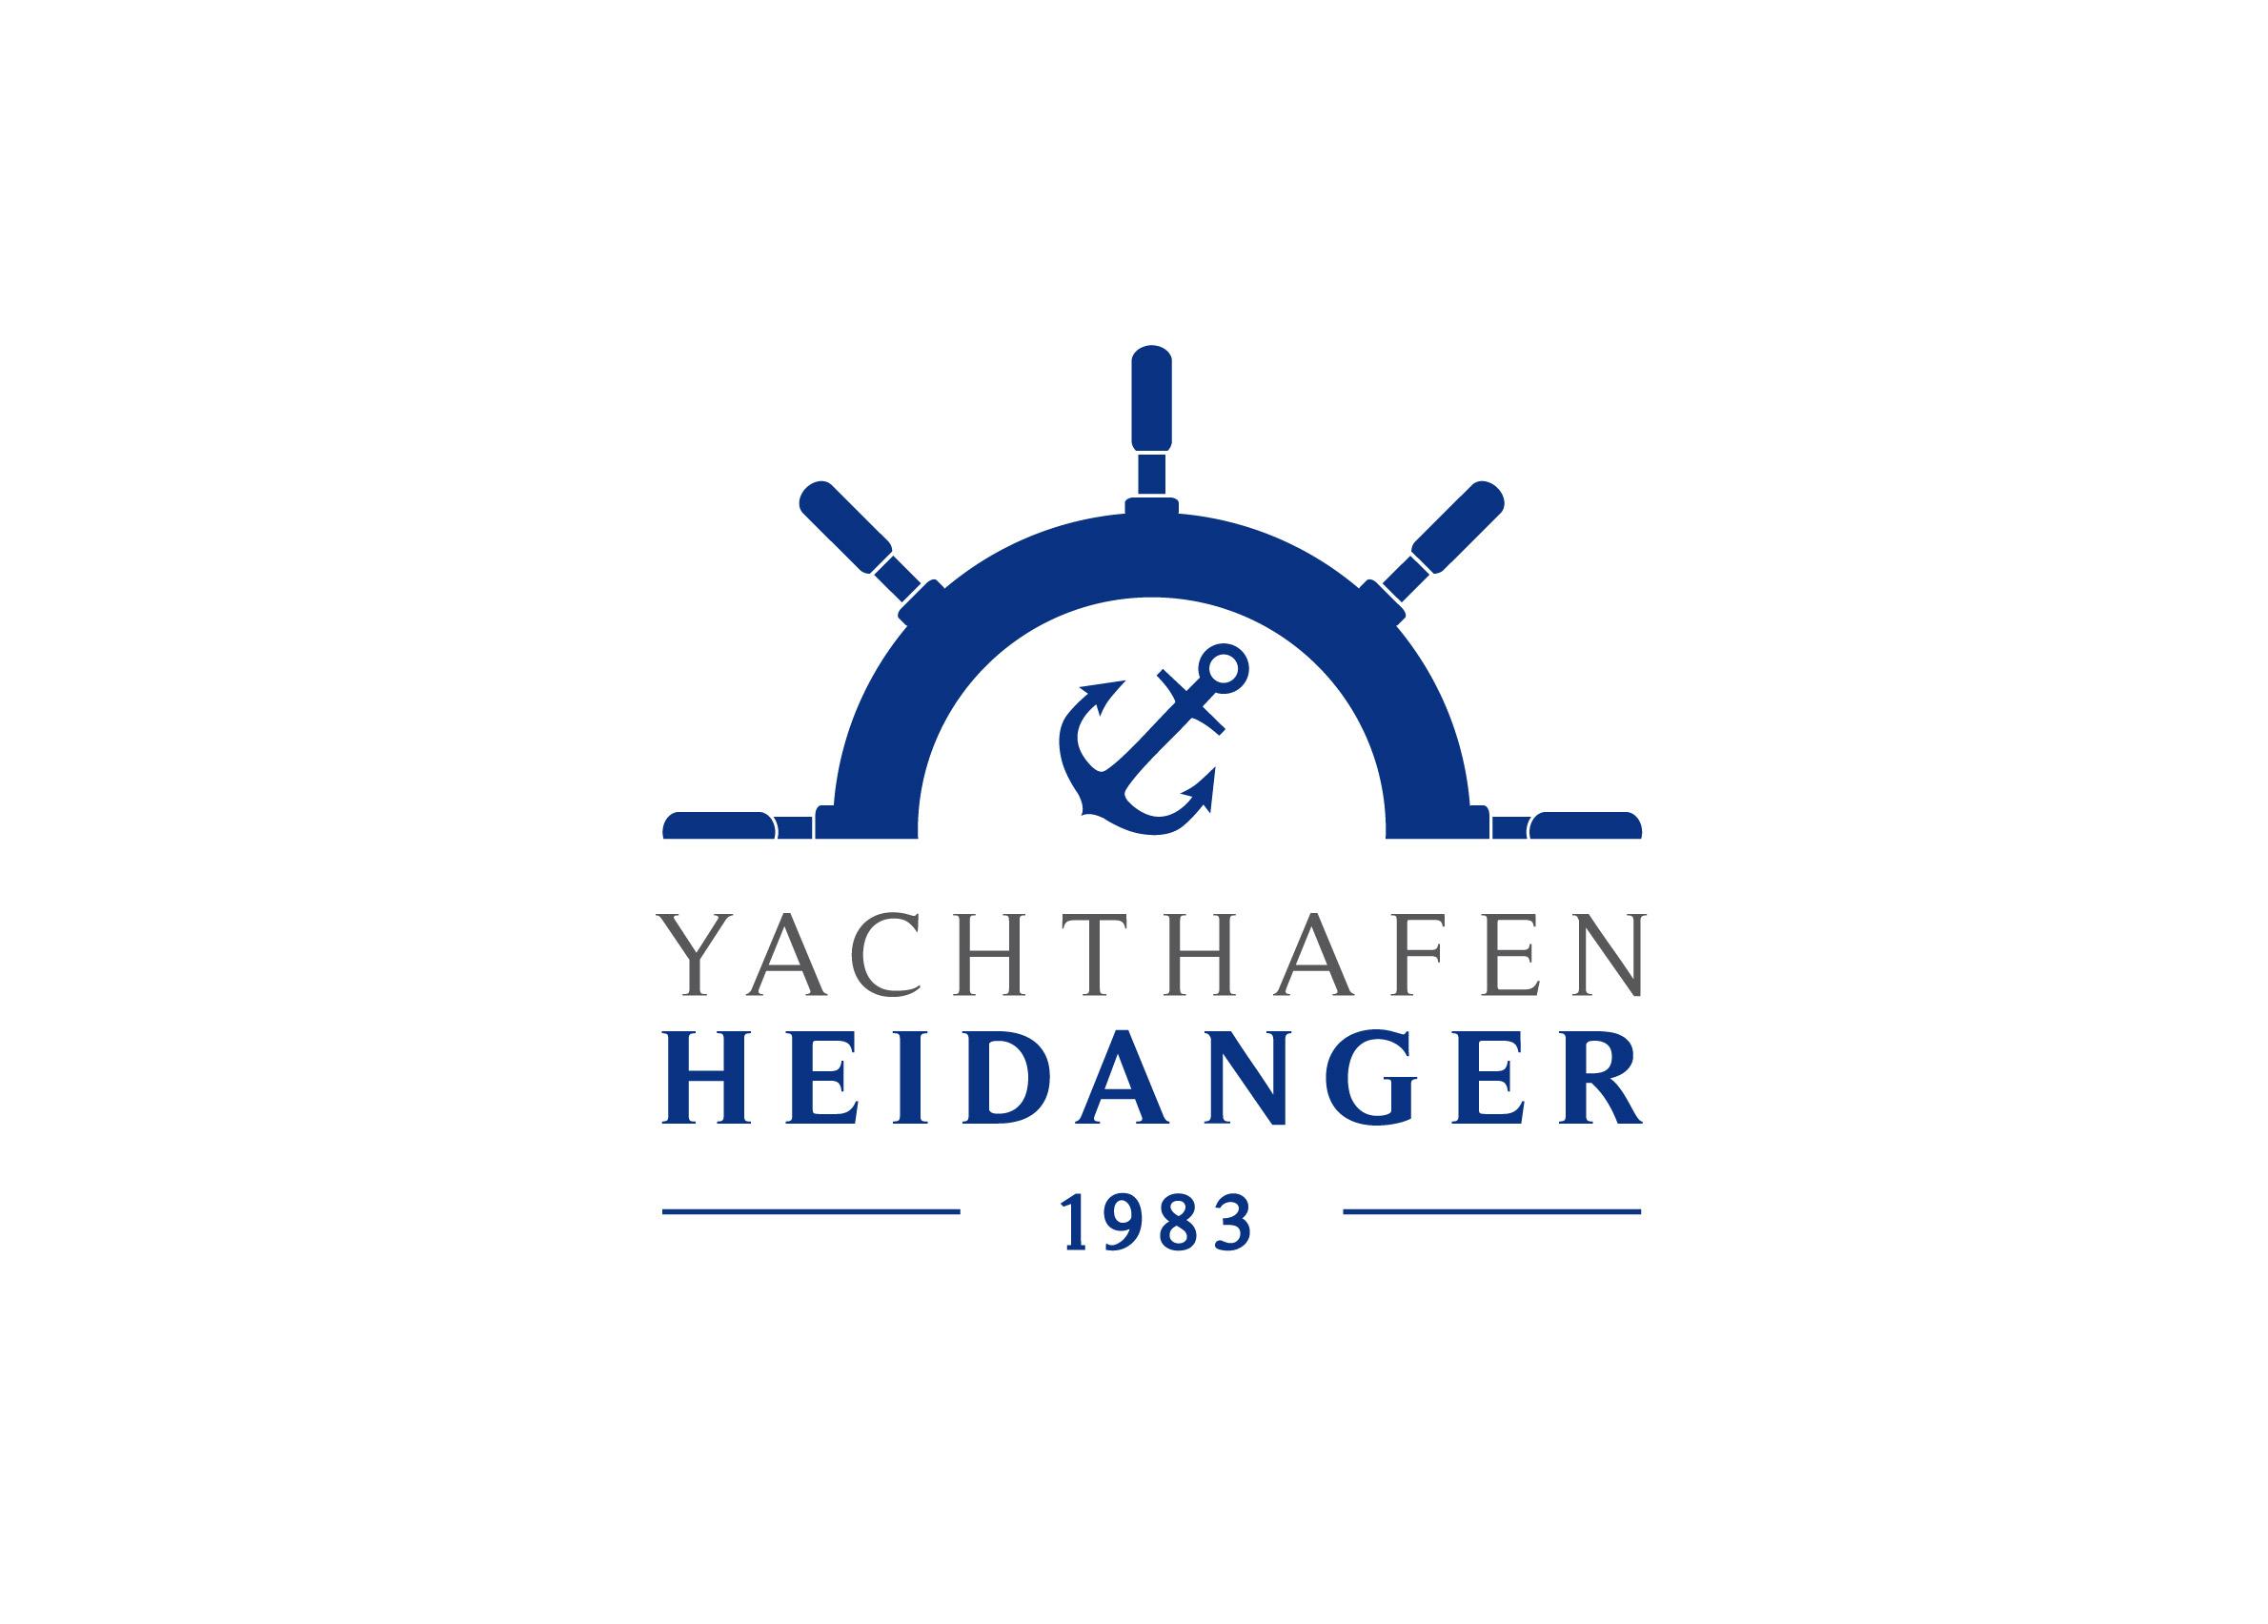 Yachthafen_Heidanger_T-Shirt_2013